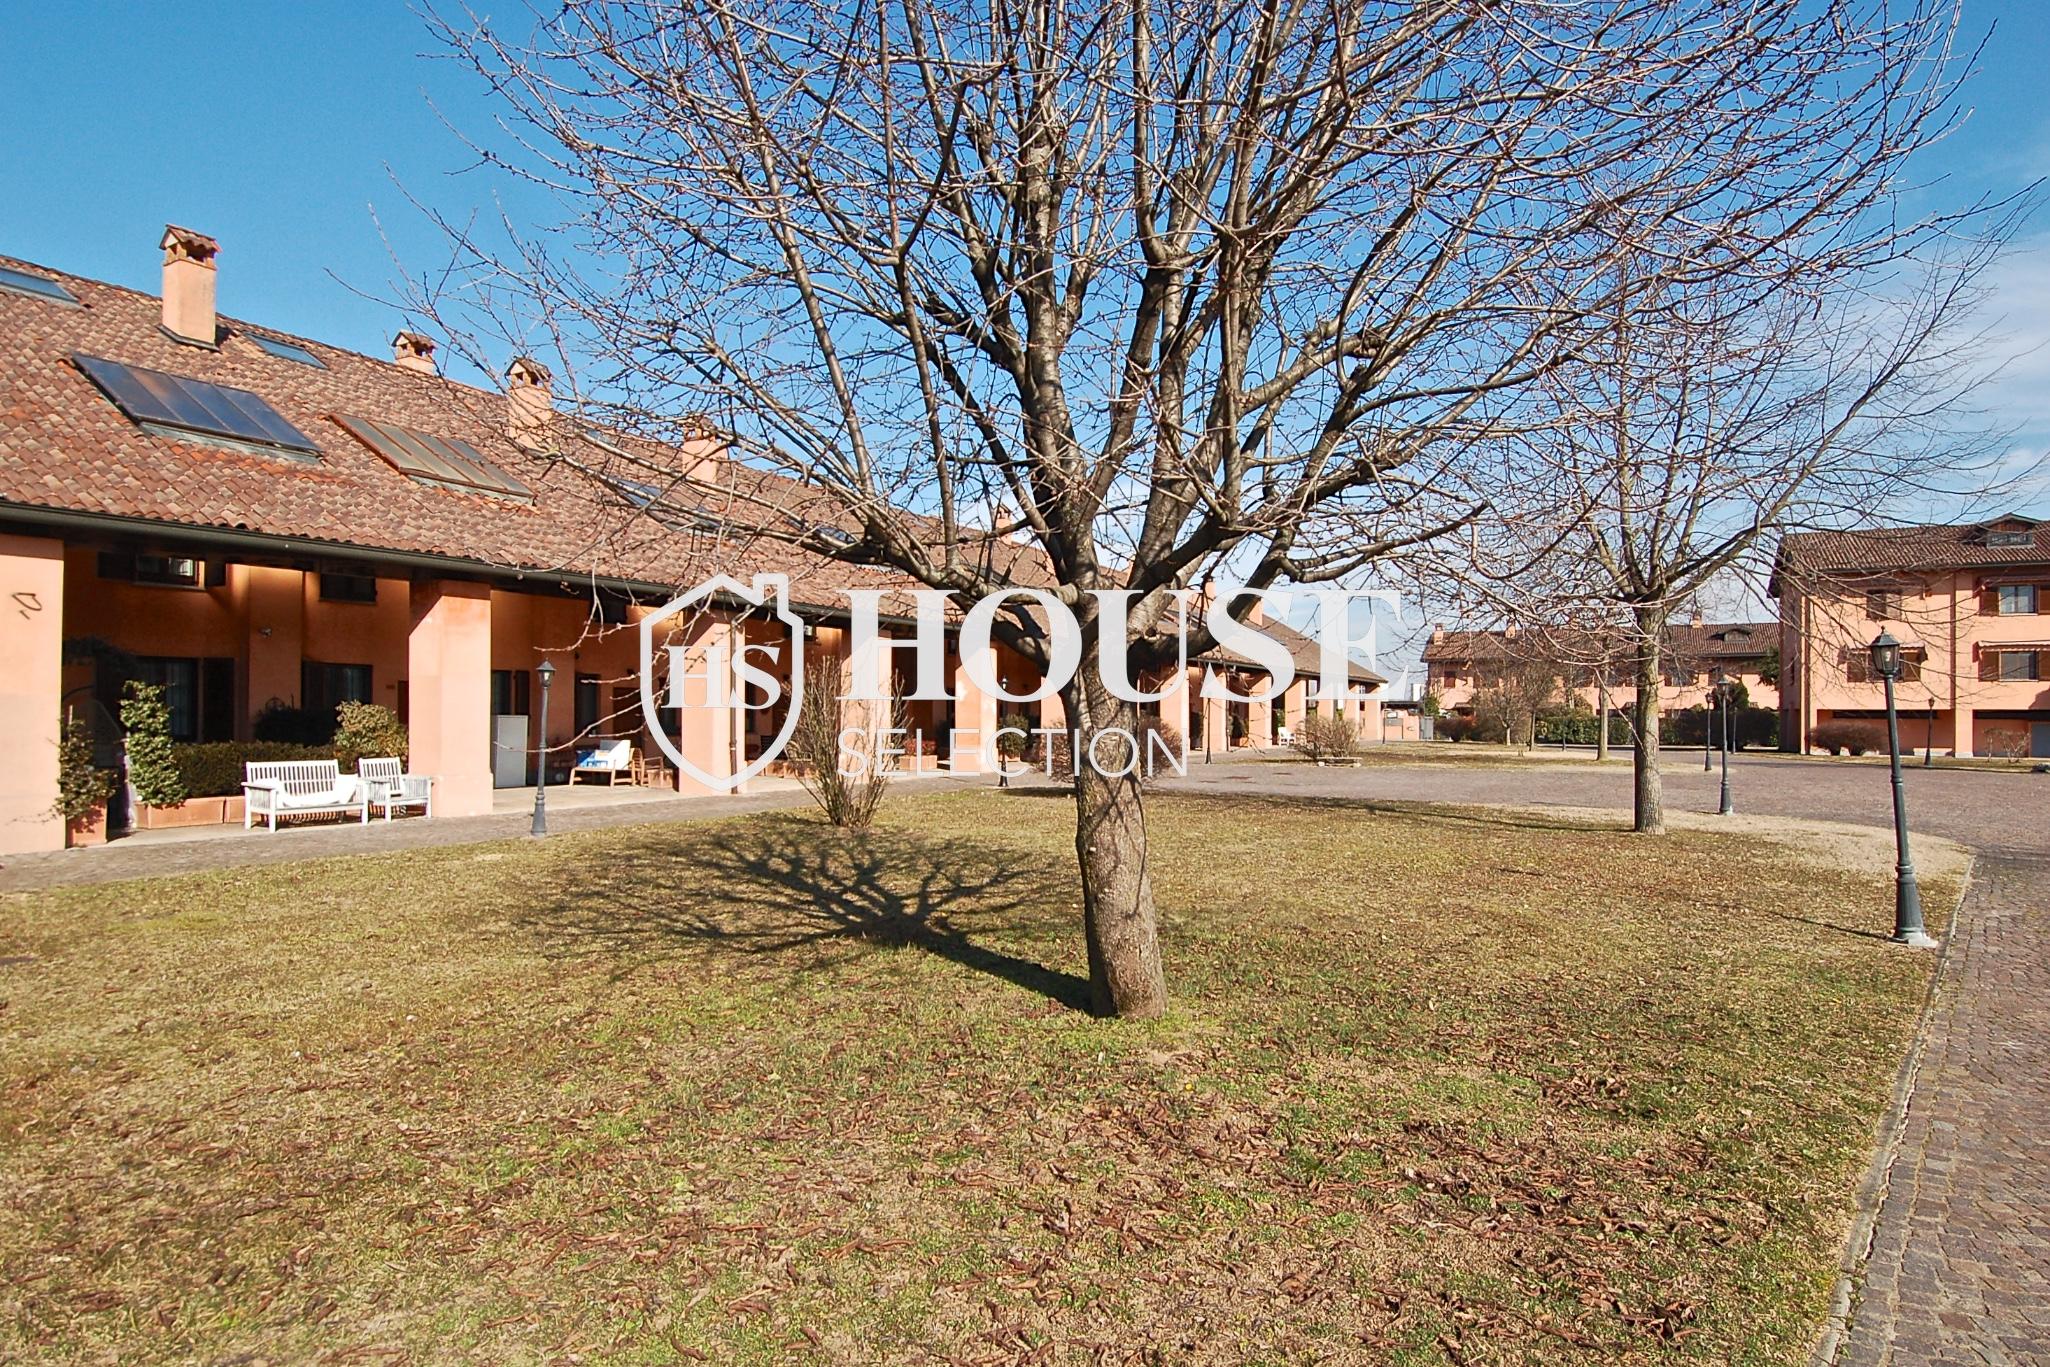 Affitto villa Basiglio, con giardino, ristrutturata, aria condizionata, corte interna, box auto, Milano 1